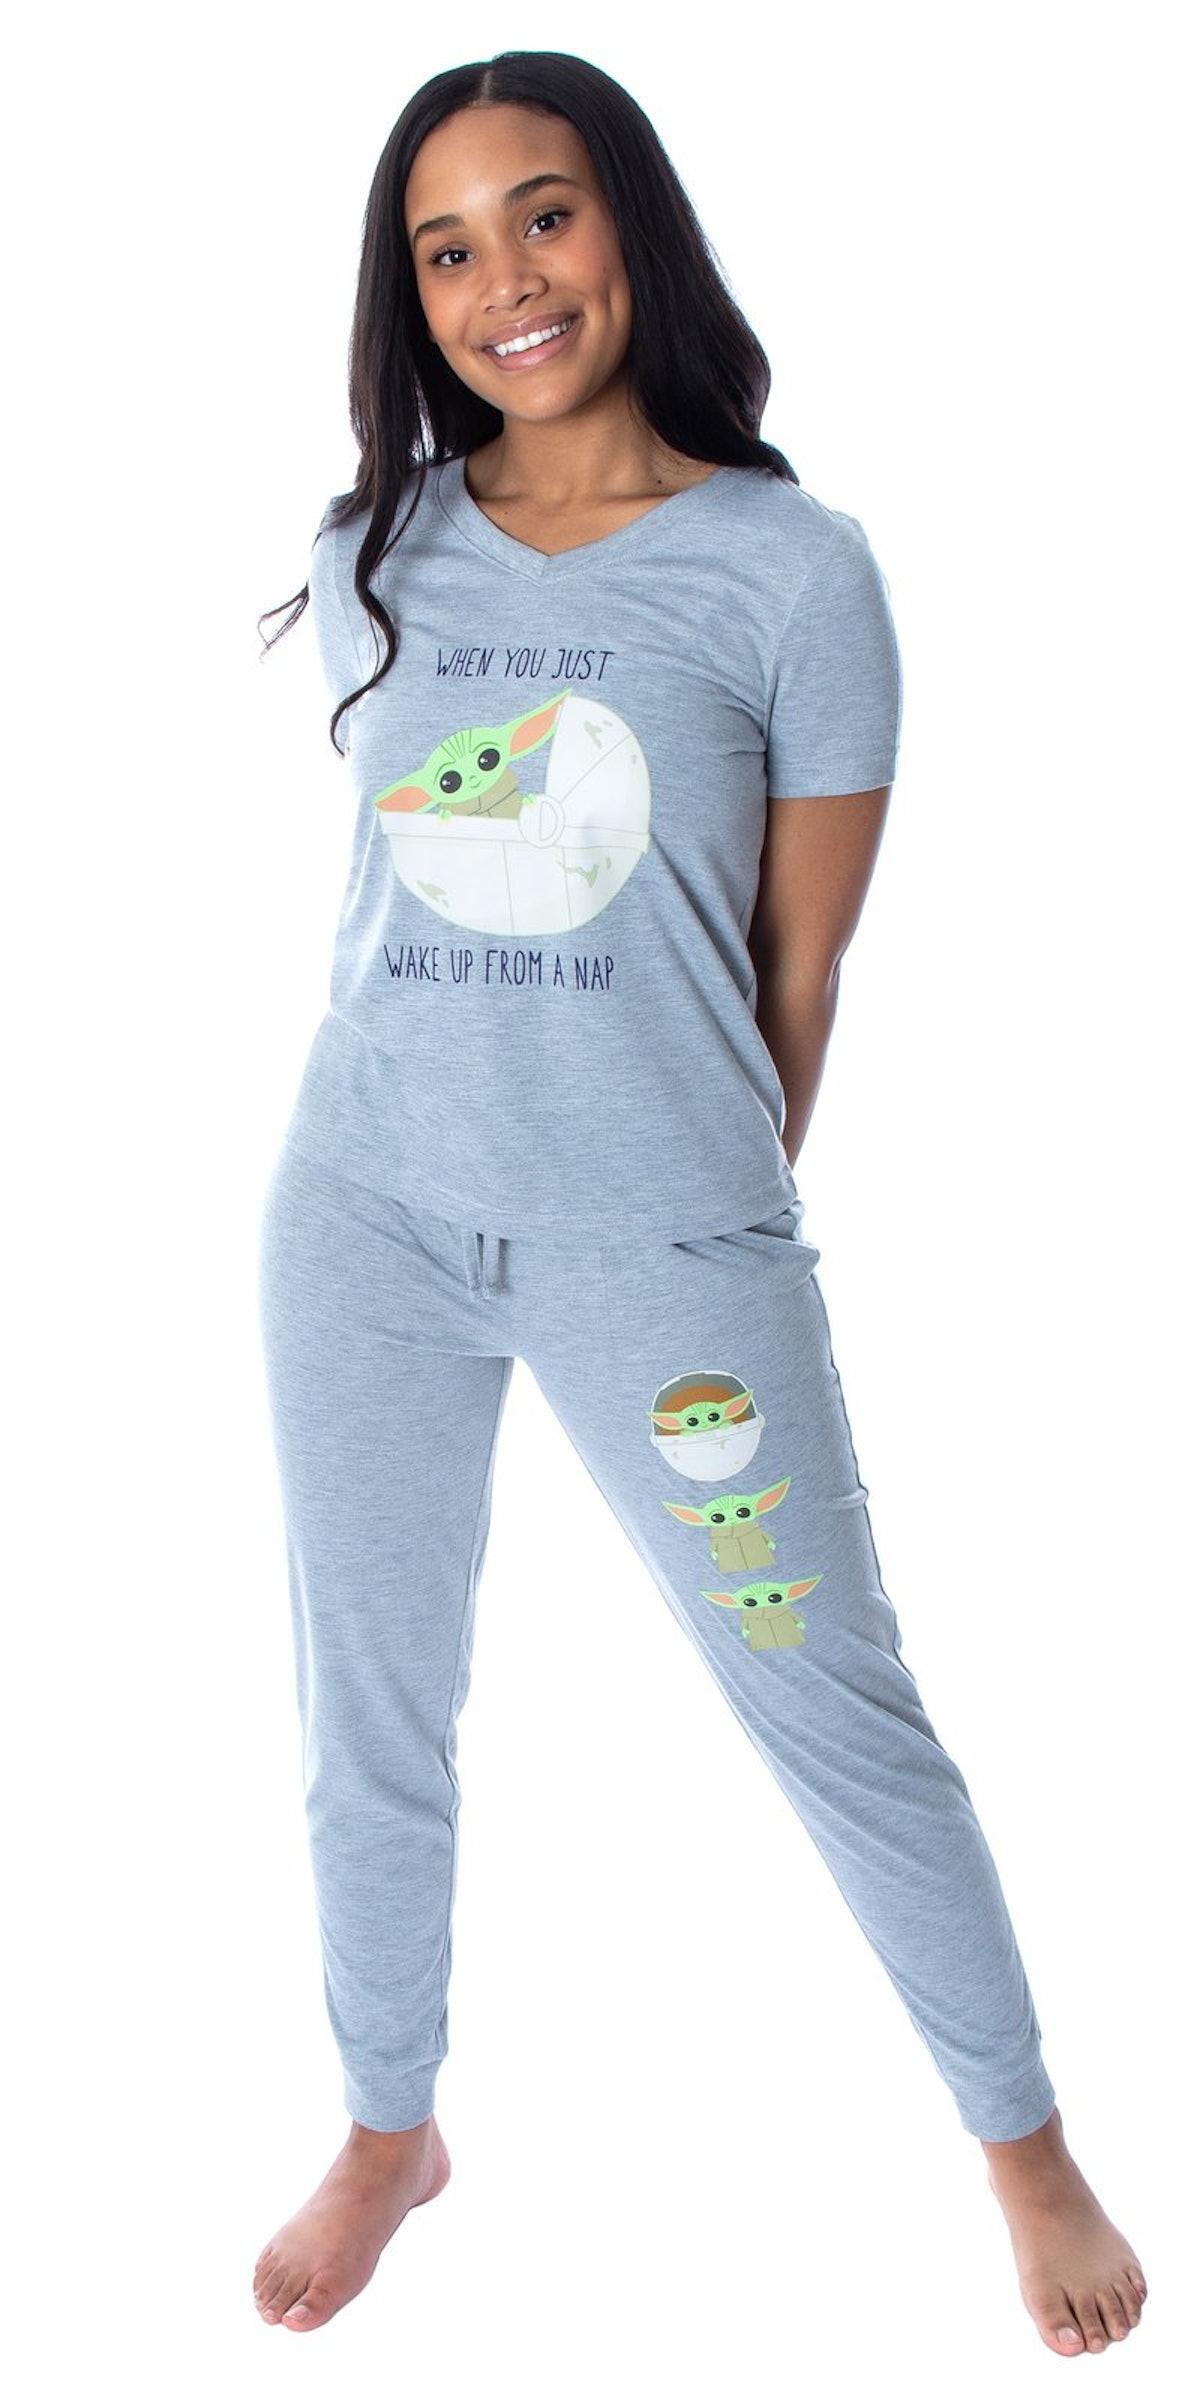 Baby Yoda Wake Up Face Shirt and Jogger